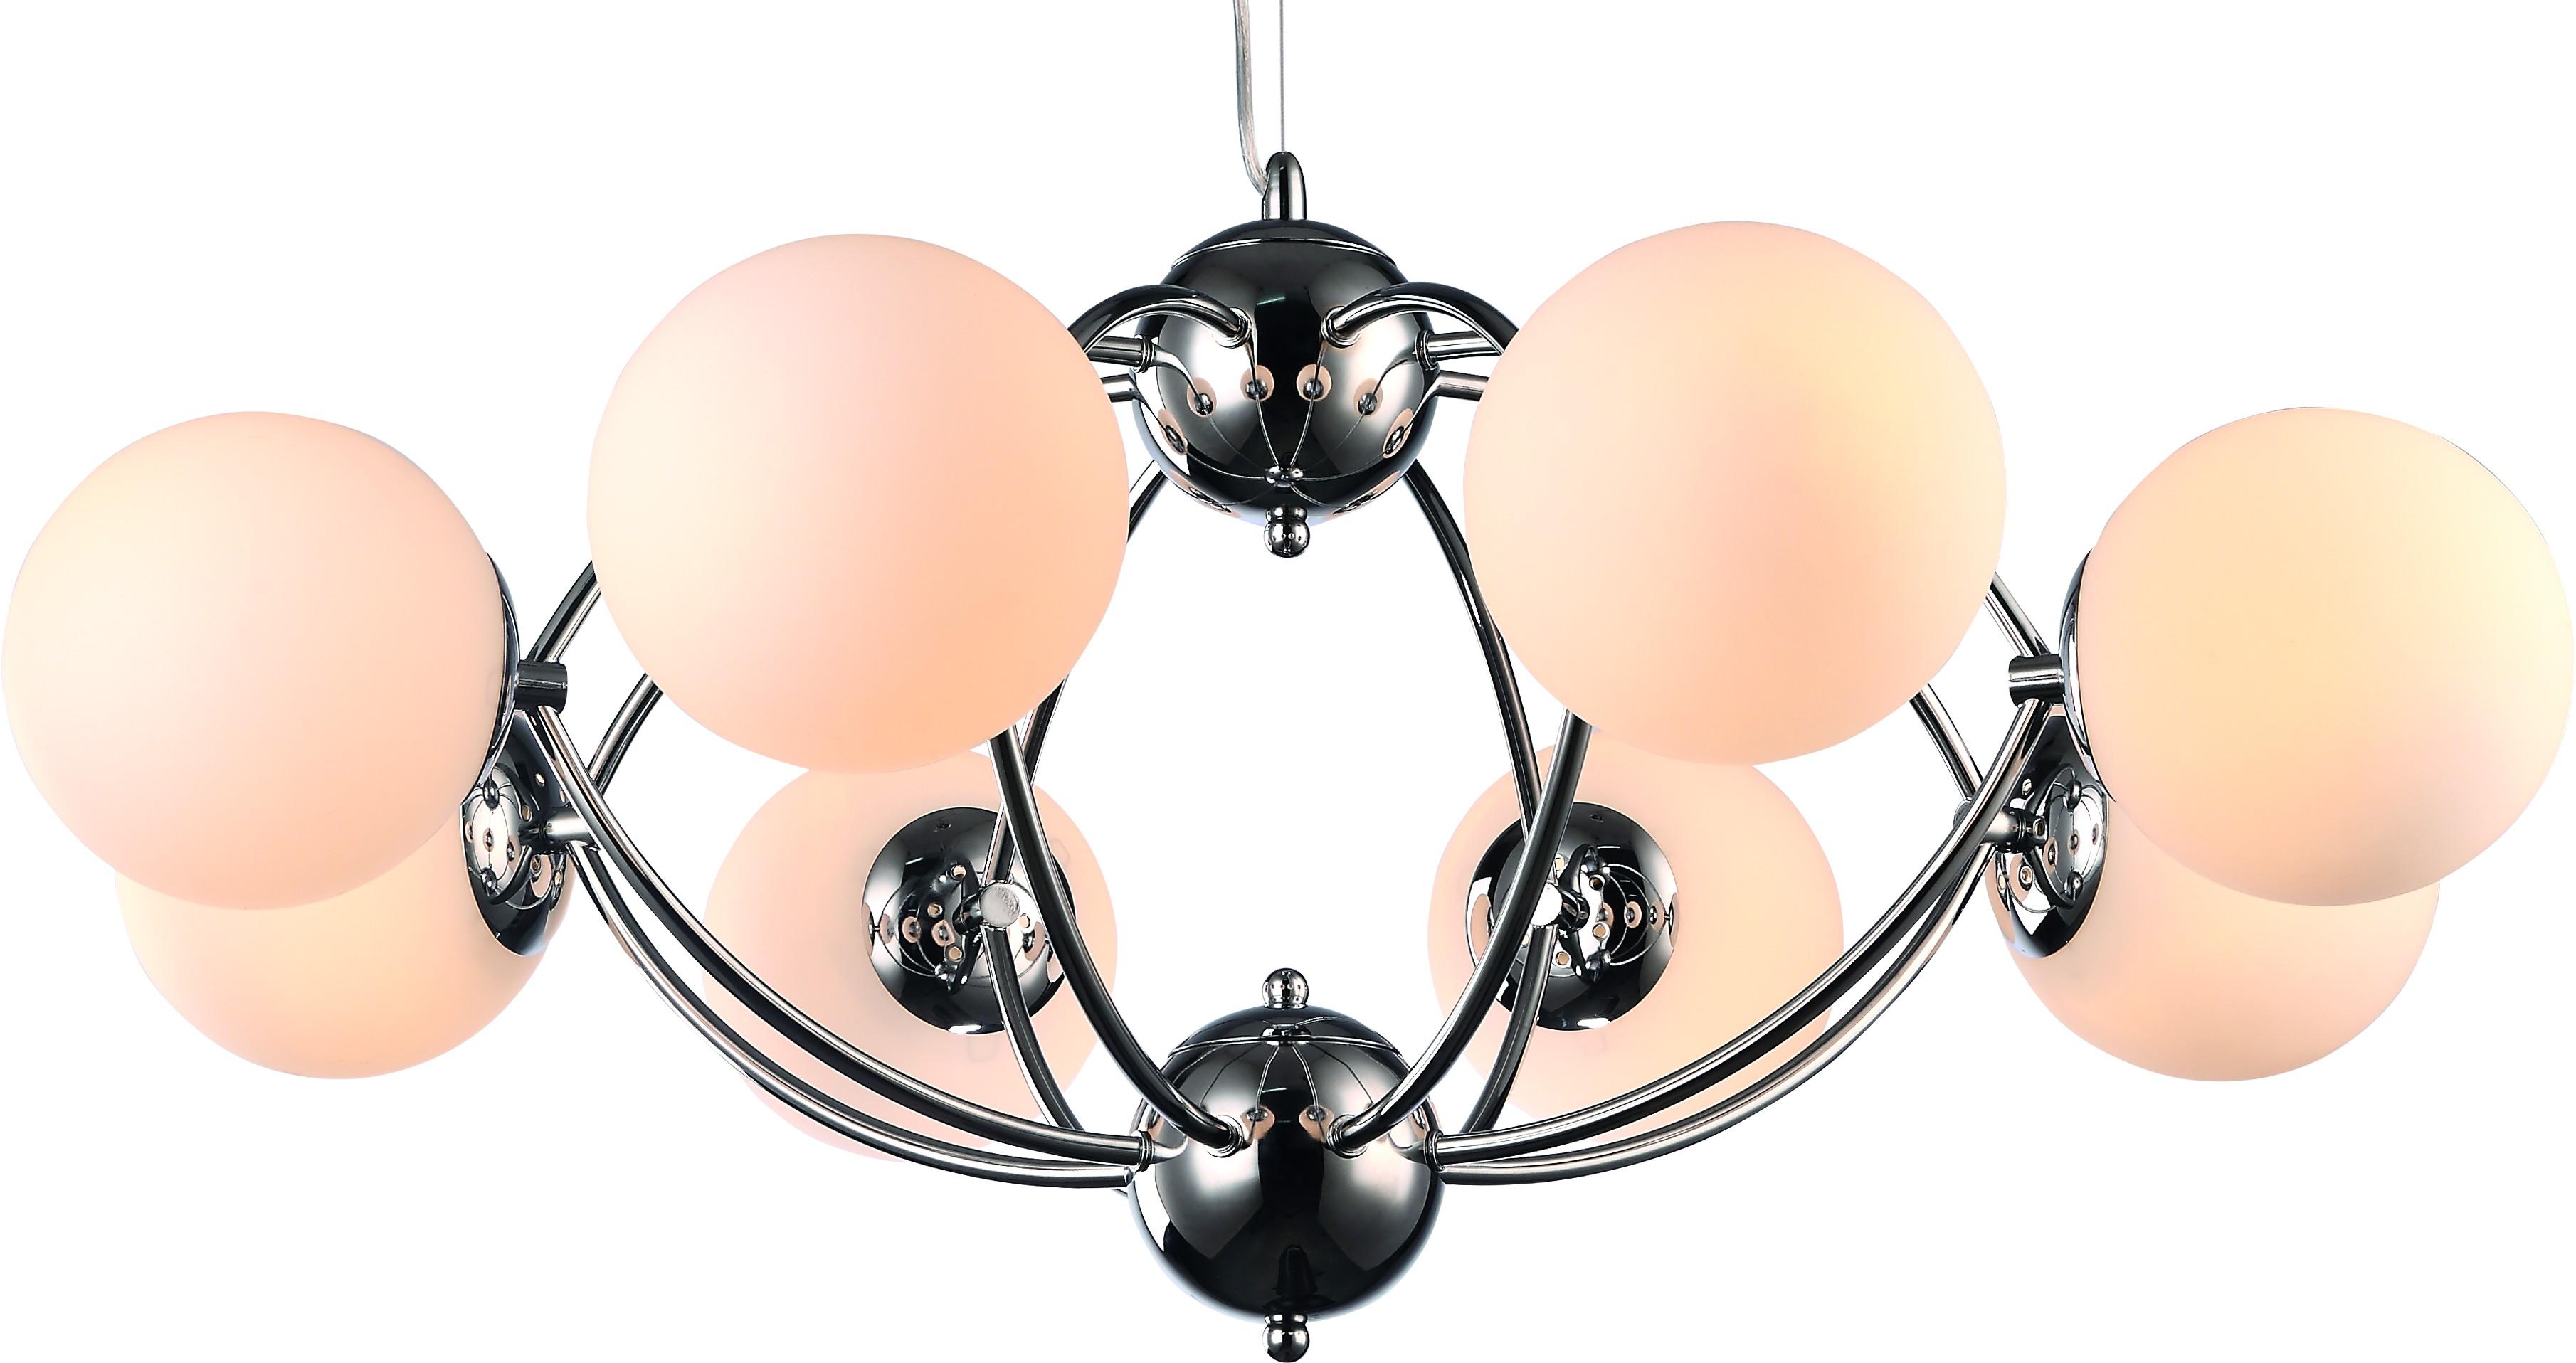 Купить Люстра Arte lamp A9432sp-8cc